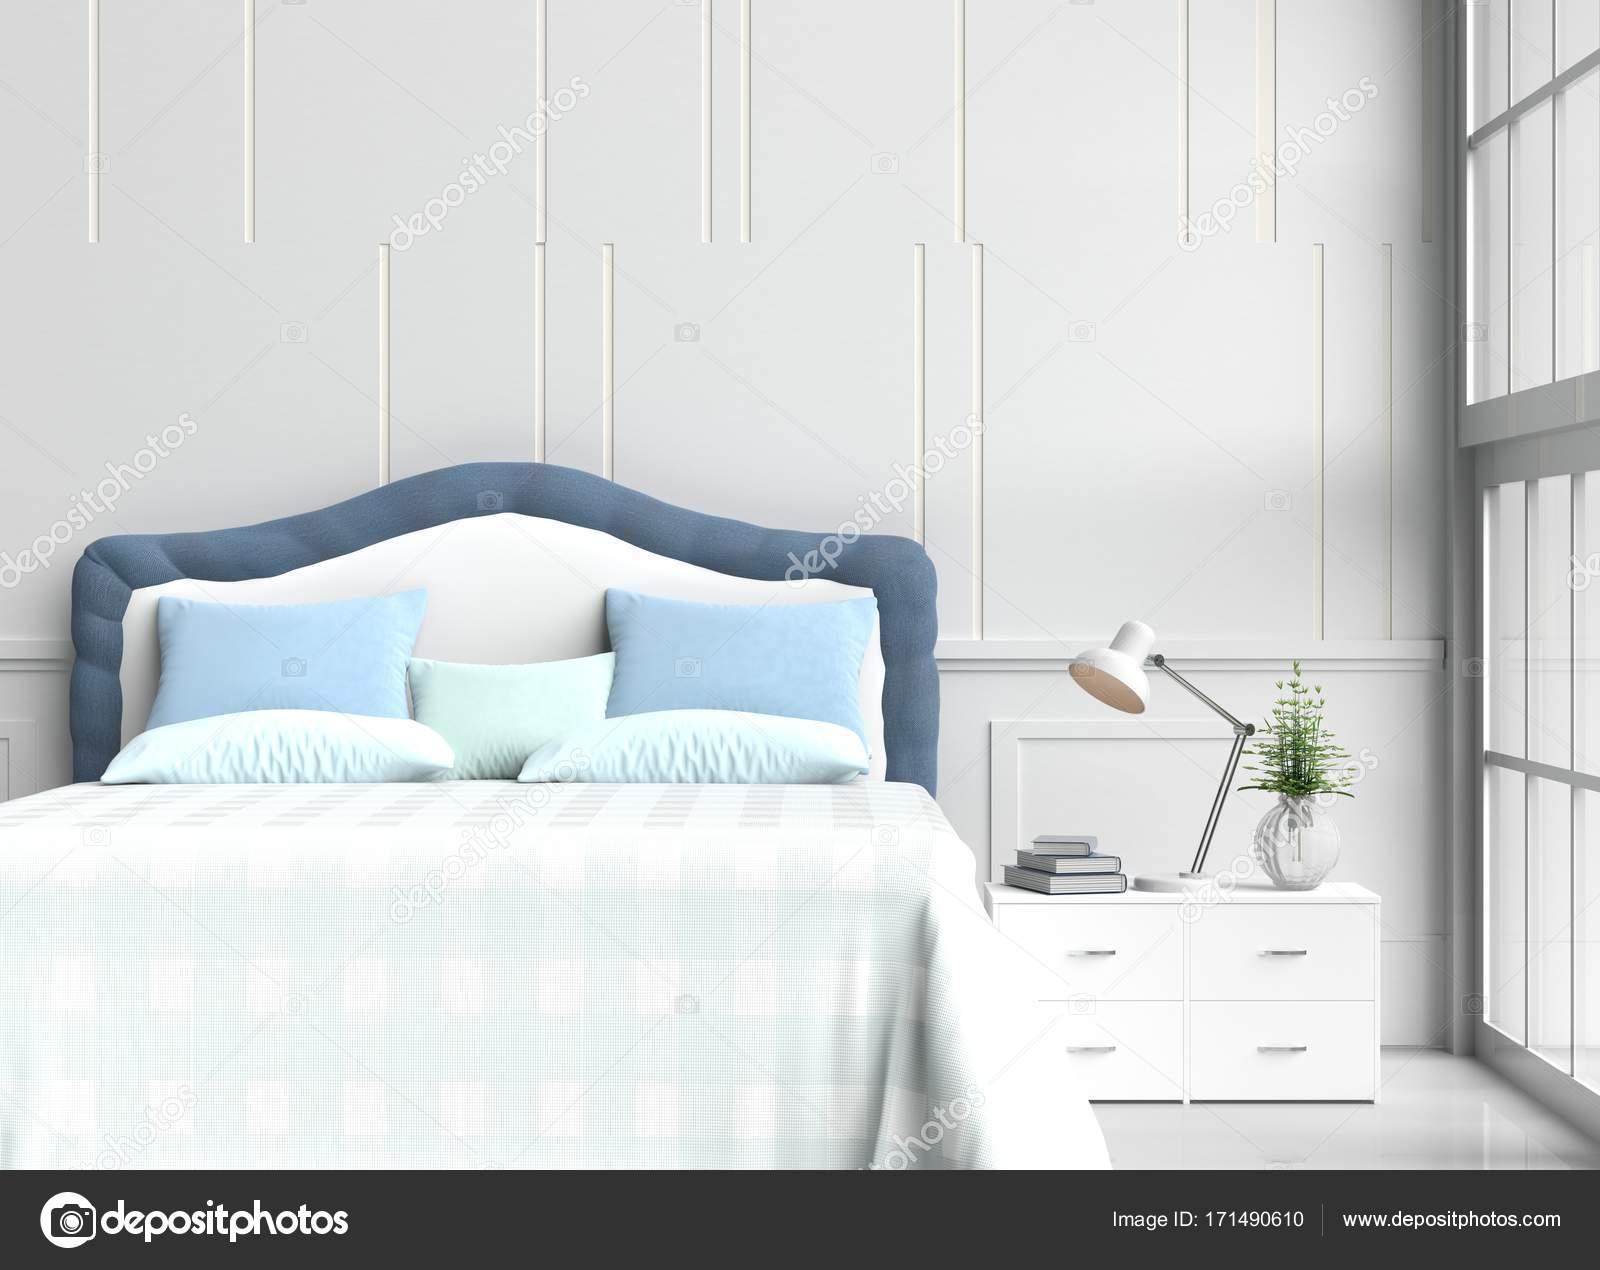 Bianco camera da letto decorata con albero in vaso di vetro, cuscini ...